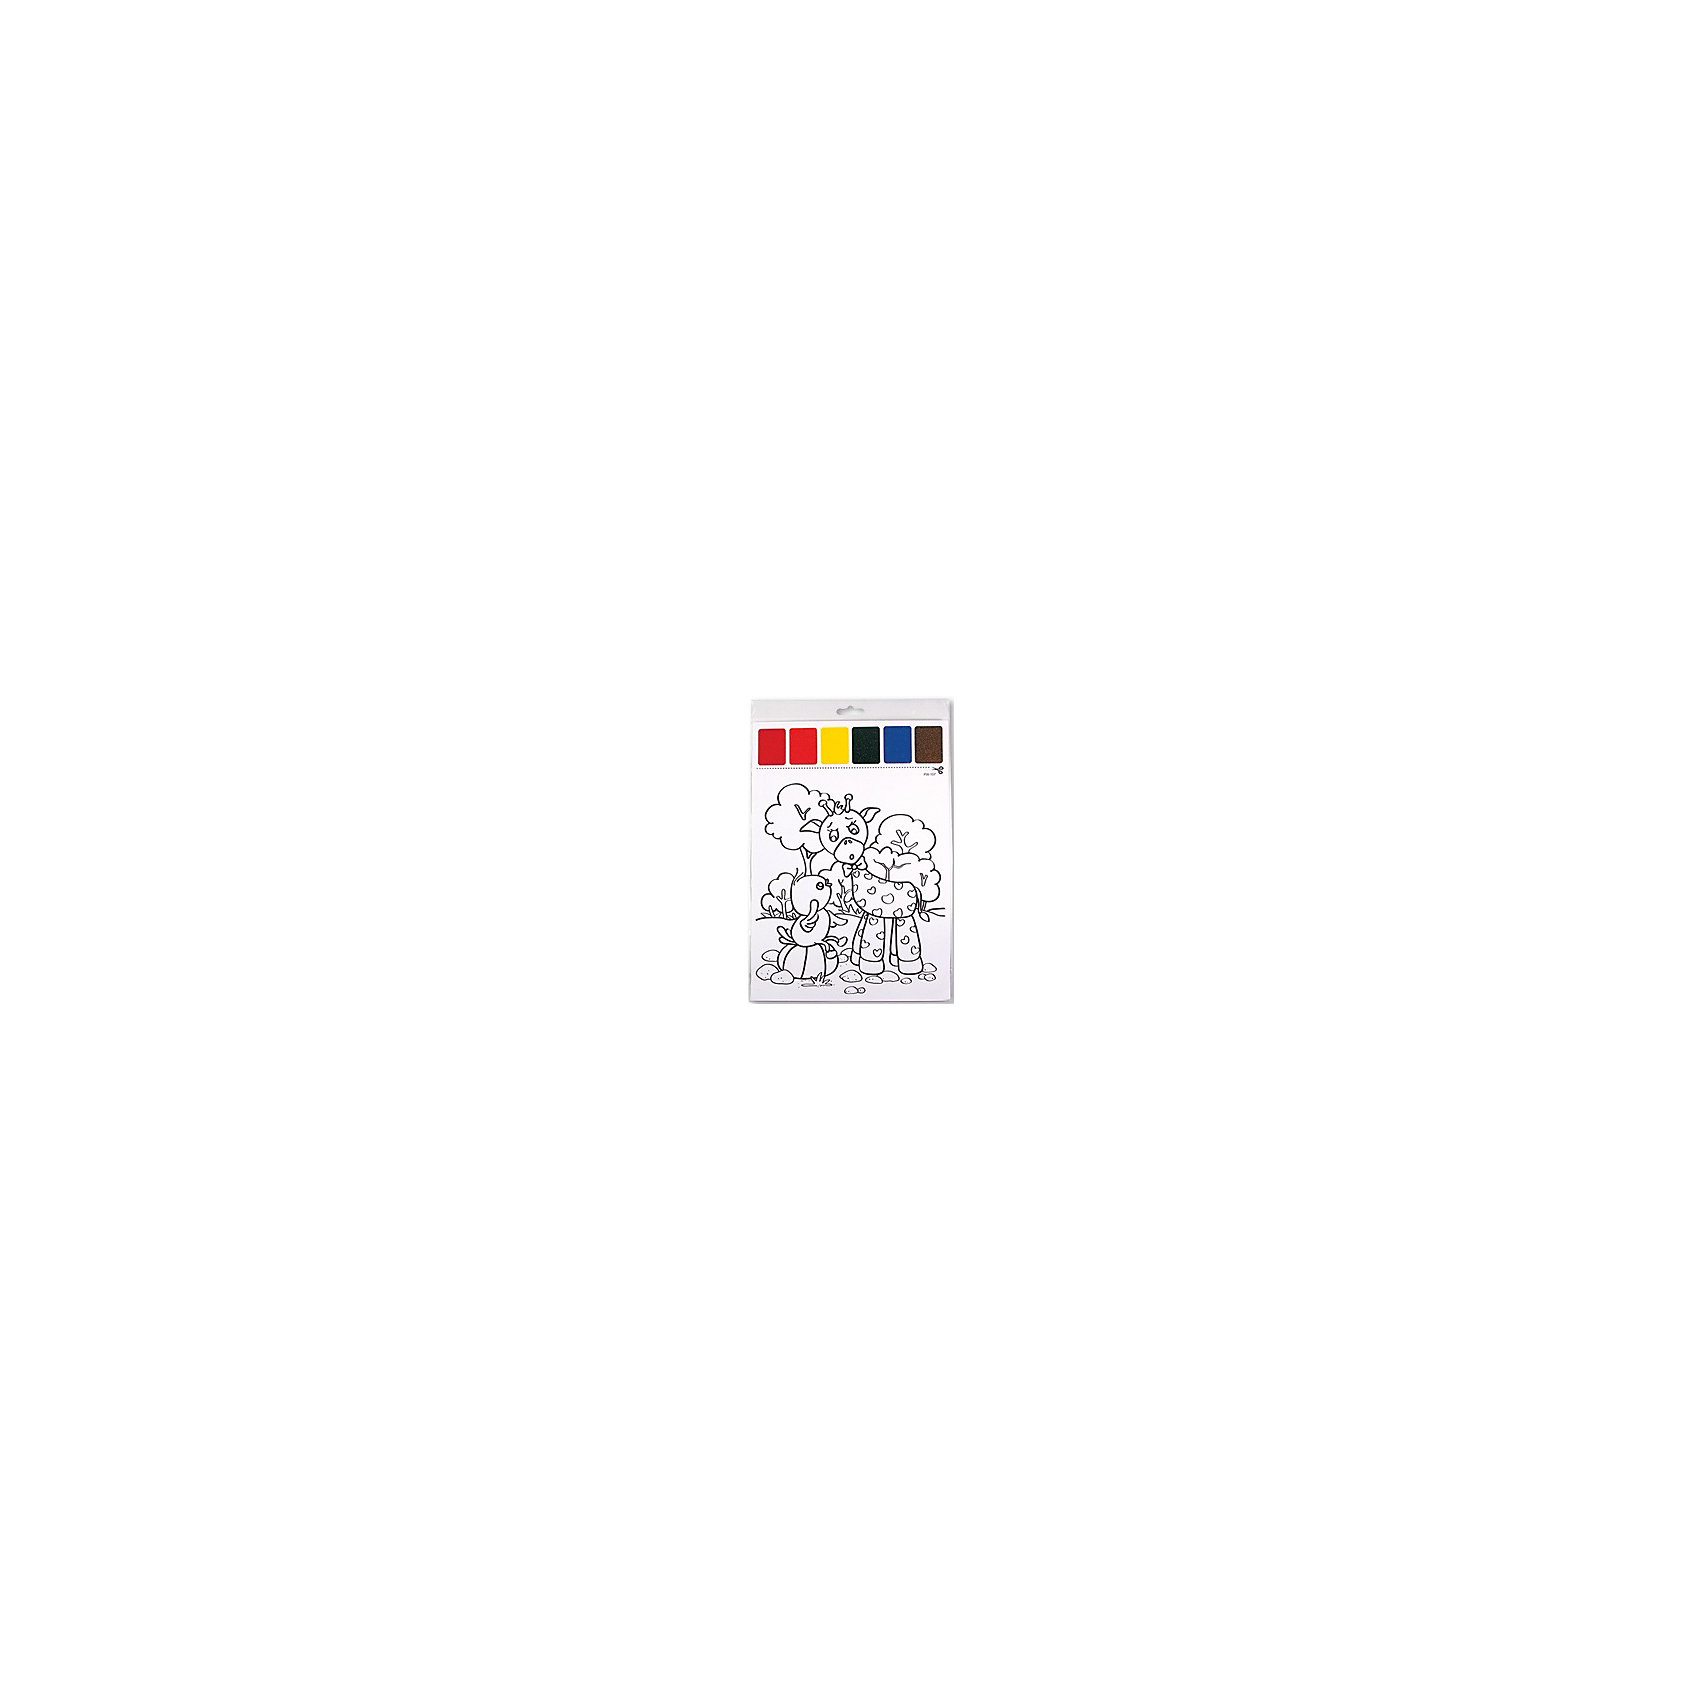 НабордляраскрашиванияакварельюВерныедрузья,скисточкойРисование<br>Набор для раскрашивания акварелью Верные друзья, с кисточкой - это увлекательный набор для творчества.<br>С помощью набора для раскрашивания акварелью Верные друзья ваш малыш  создаст яркую картину с изображением забавного жирафа и цыпленка. Ребенок получит истинное удовольствие от погружения в процесс творчества, а созданная им картина, украсит интерьер дома или станет прекрасным подарком. Набор для раскрашивания Верные друзья прекрасно развивает художественный вкус, аккуратность и внимание. Набор удобно брать с собой в дорогу, он не займет много места, все что вам потребуется – это немного воды.<br><br>Дополнительная информация:<br><br>- В наборе: картинка для раскрашивания с палитрой красок (29х21 см), кисточка<br>- Количество красок: 6<br>- Материал: бумага<br>- Размер упаковки:32х21,5 см.<br><br>Набор для раскрашивания акварелью Верные друзья, с кисточкой можно купить в нашем интернет-магазине.<br><br>Ширина мм: 320<br>Глубина мм: 215<br>Высота мм: 3<br>Вес г: 17<br>Возраст от месяцев: 36<br>Возраст до месяцев: 84<br>Пол: Унисекс<br>Возраст: Детский<br>SKU: 4623194